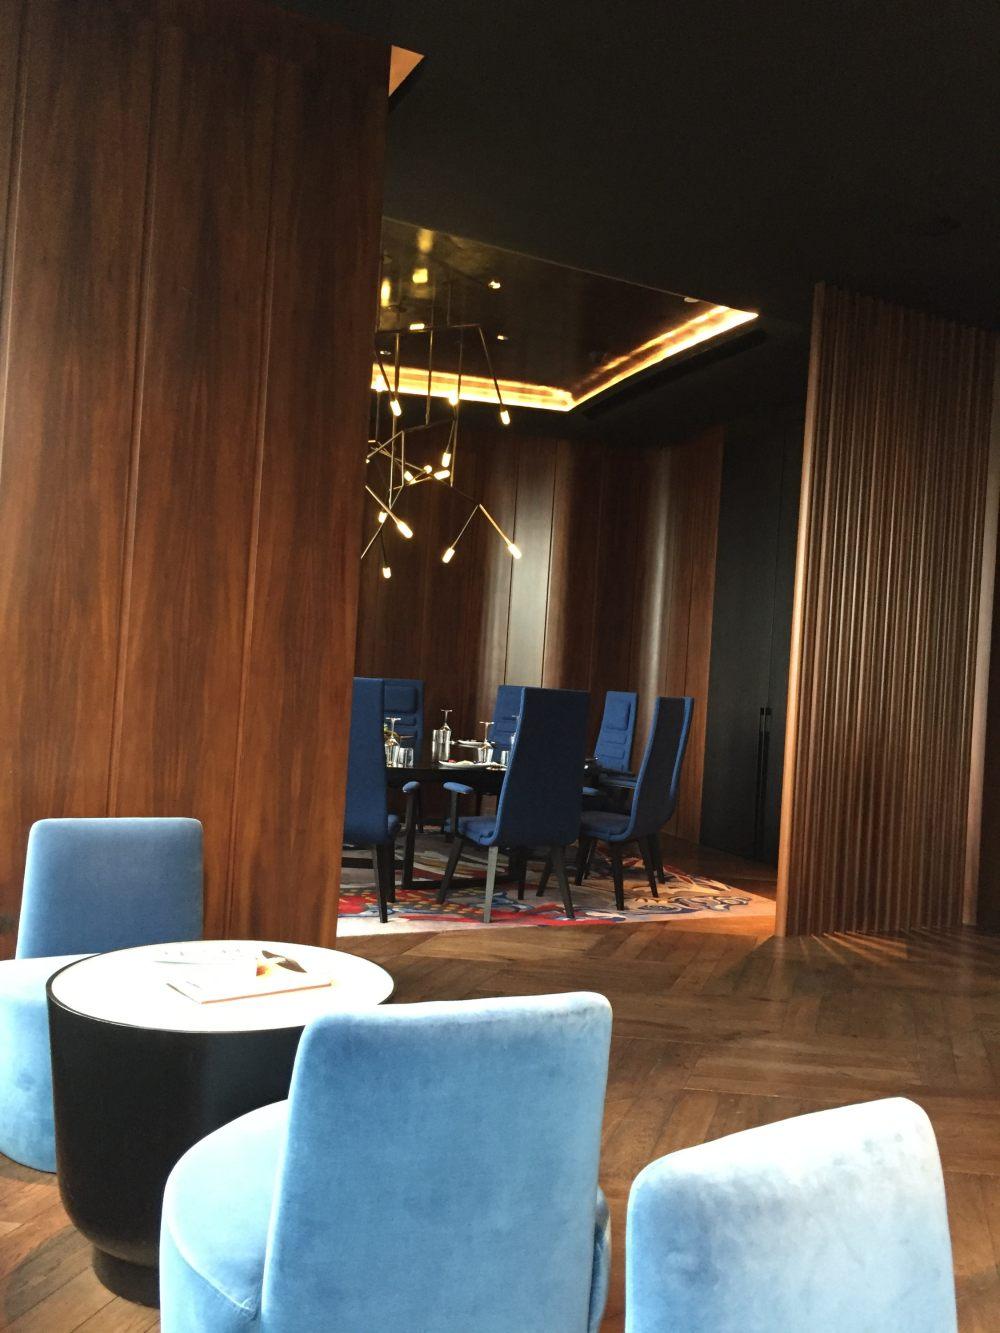 上海外滩W酒店,史上最全入住体验 自拍分享,申请置...._IMG_6348.JPG